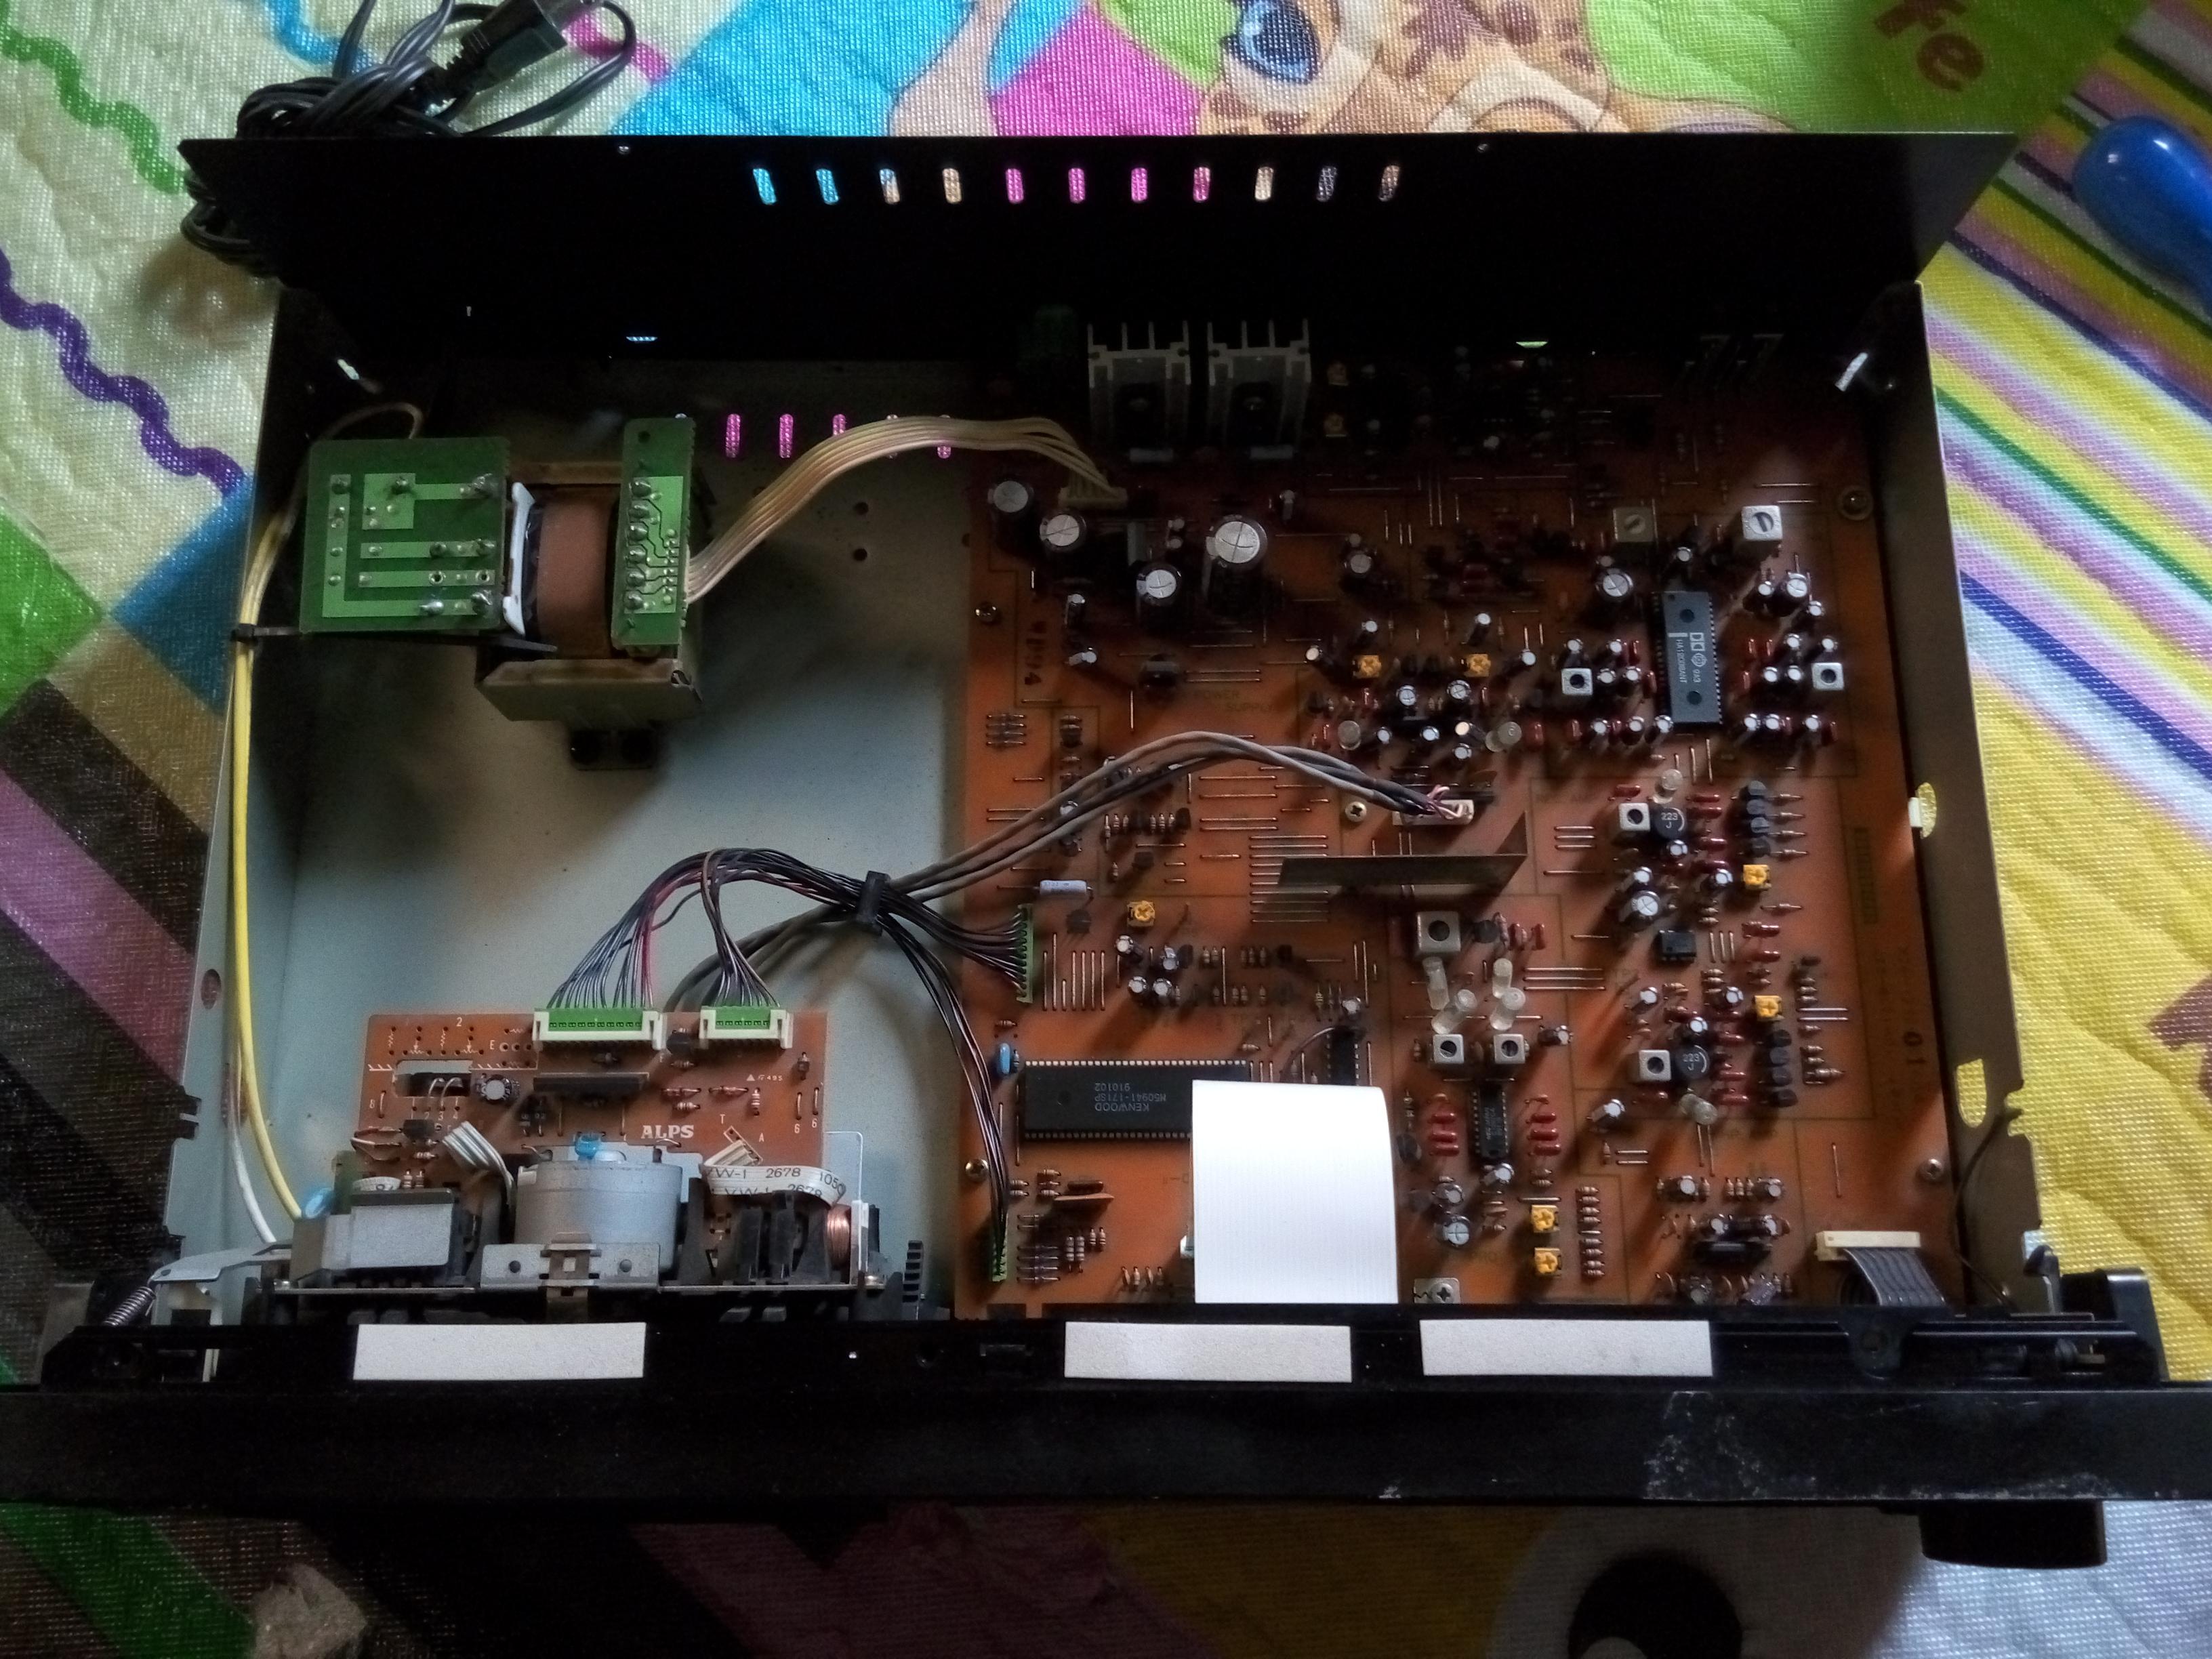 12 Bán Cassette Tape Deck  đầu câm xịn Nhật